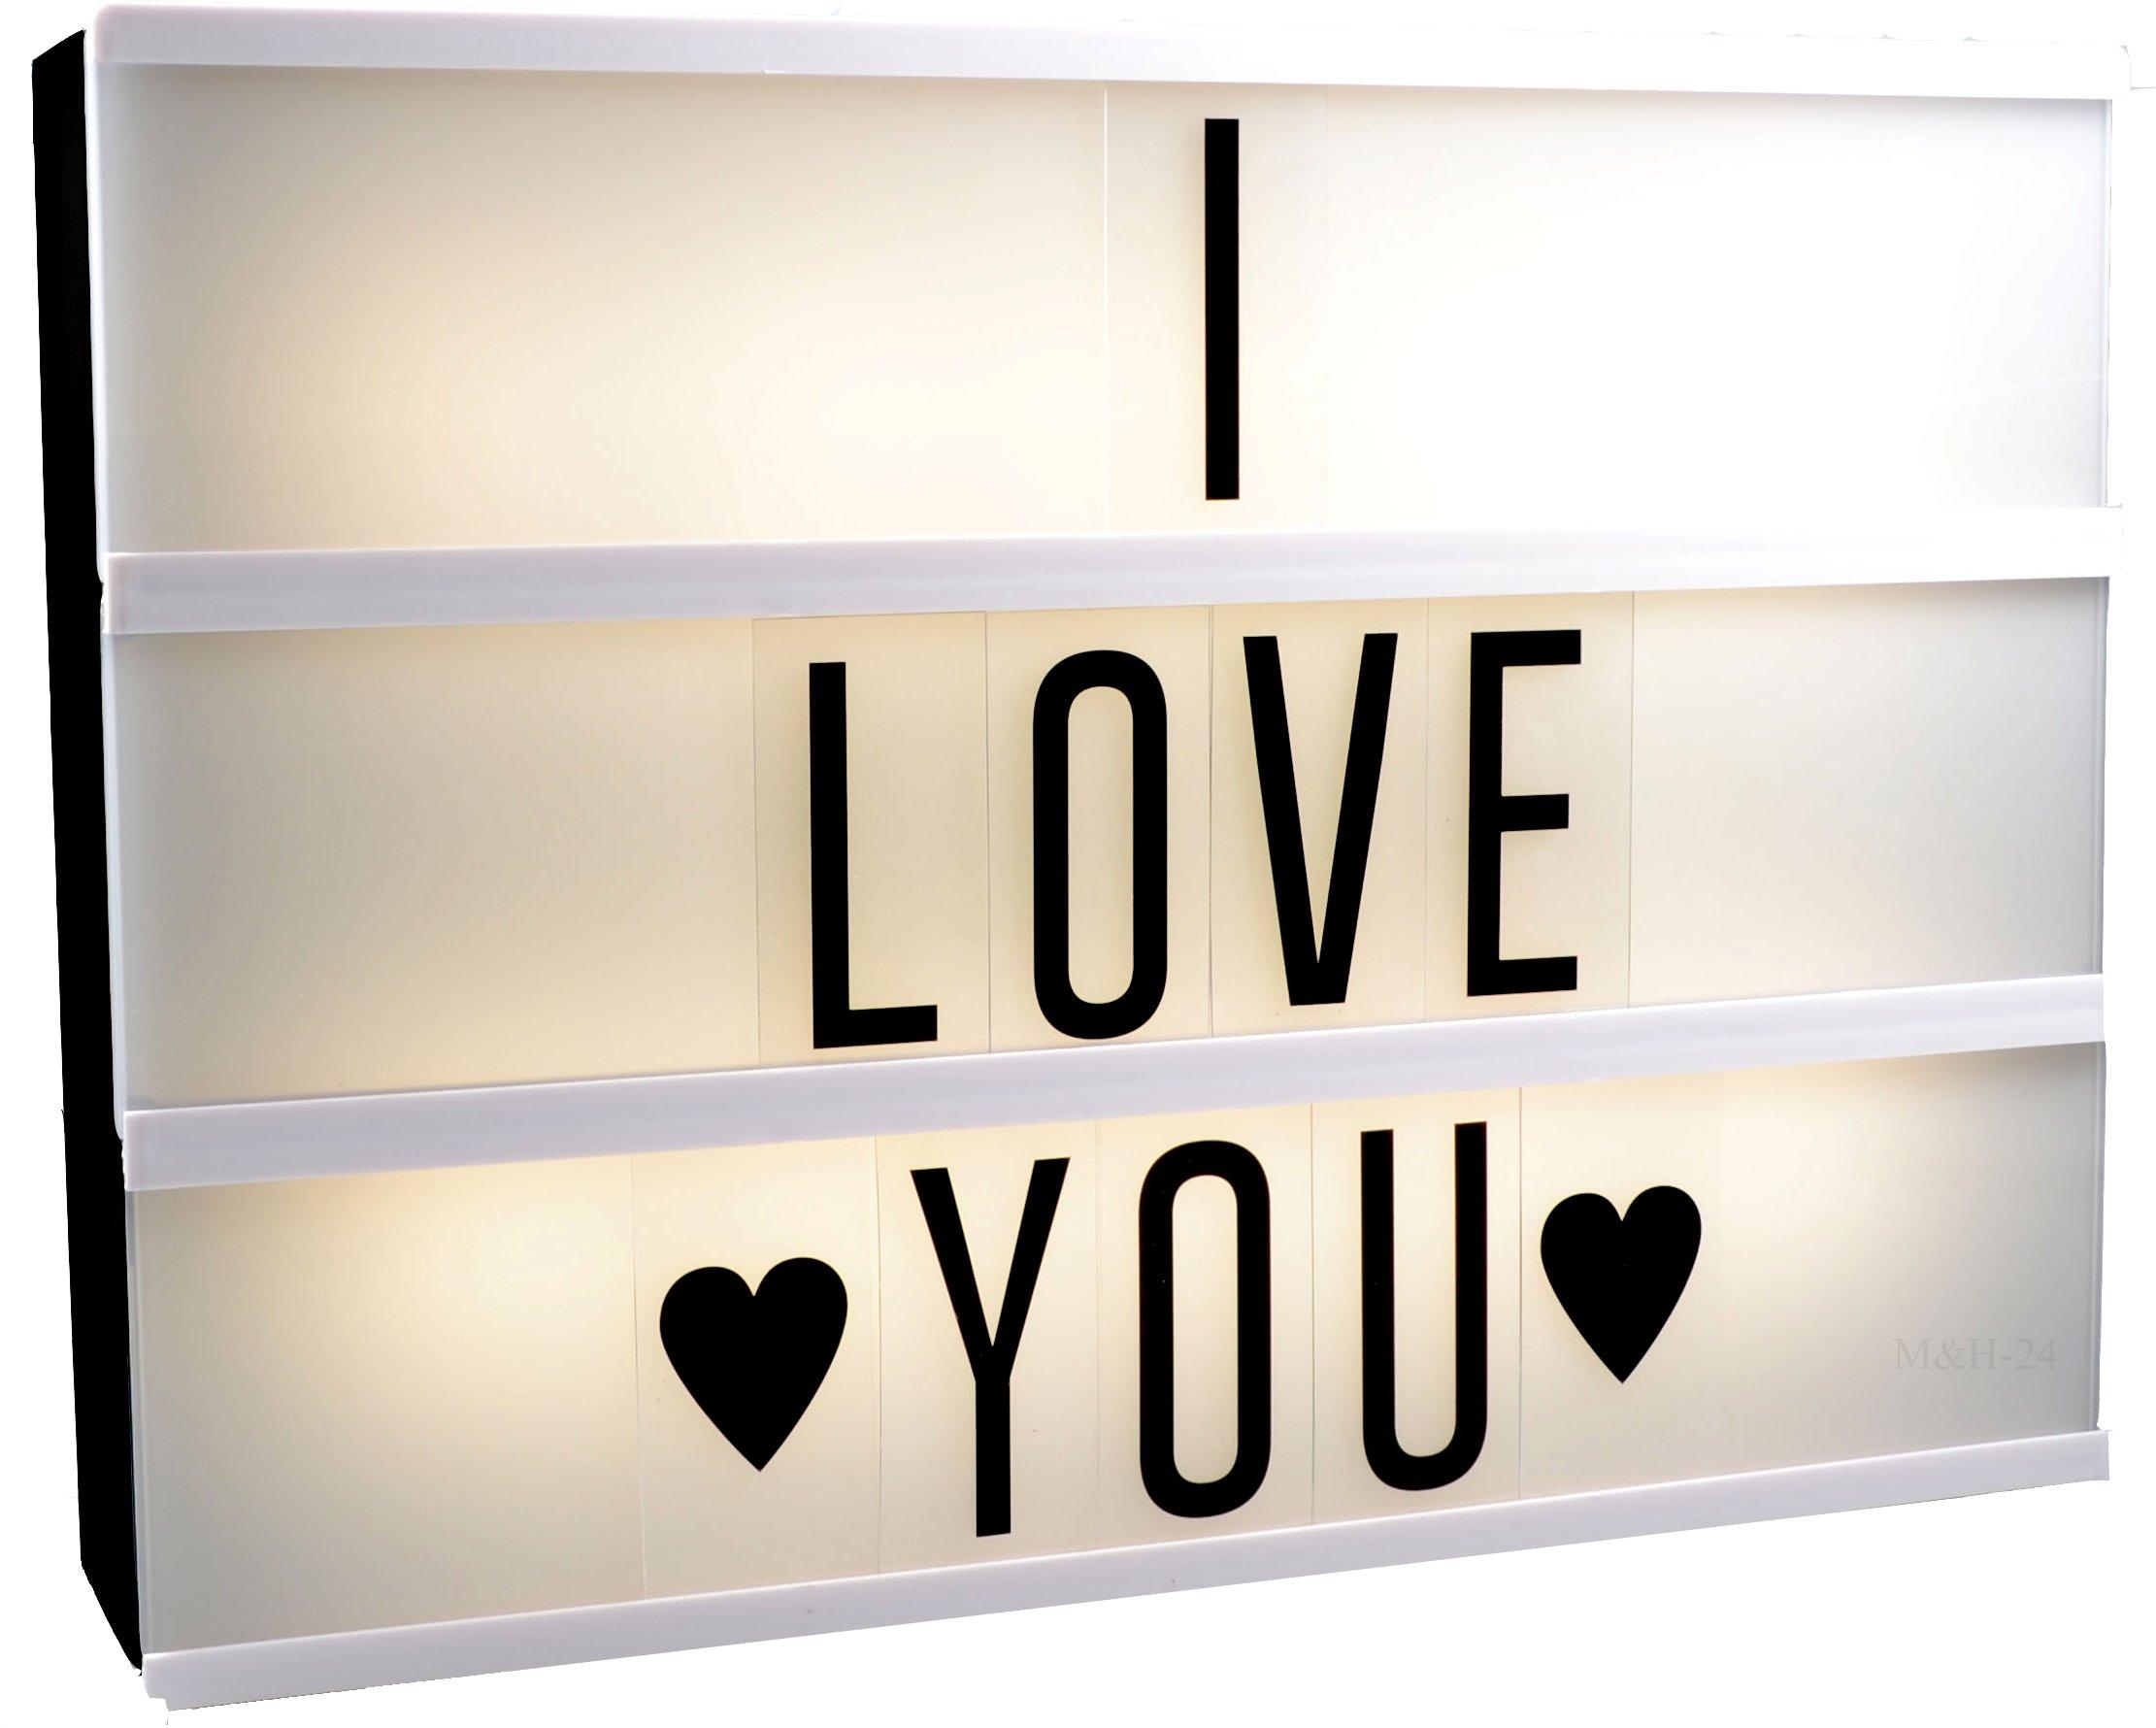 M&H-24 Lightbox - Caja de luz LED con números y letras, de tamaño A4, para publicidad, anuncios, cartel de luz, cine, placa, panel publicitario, color negro: Amazon.es: Iluminación